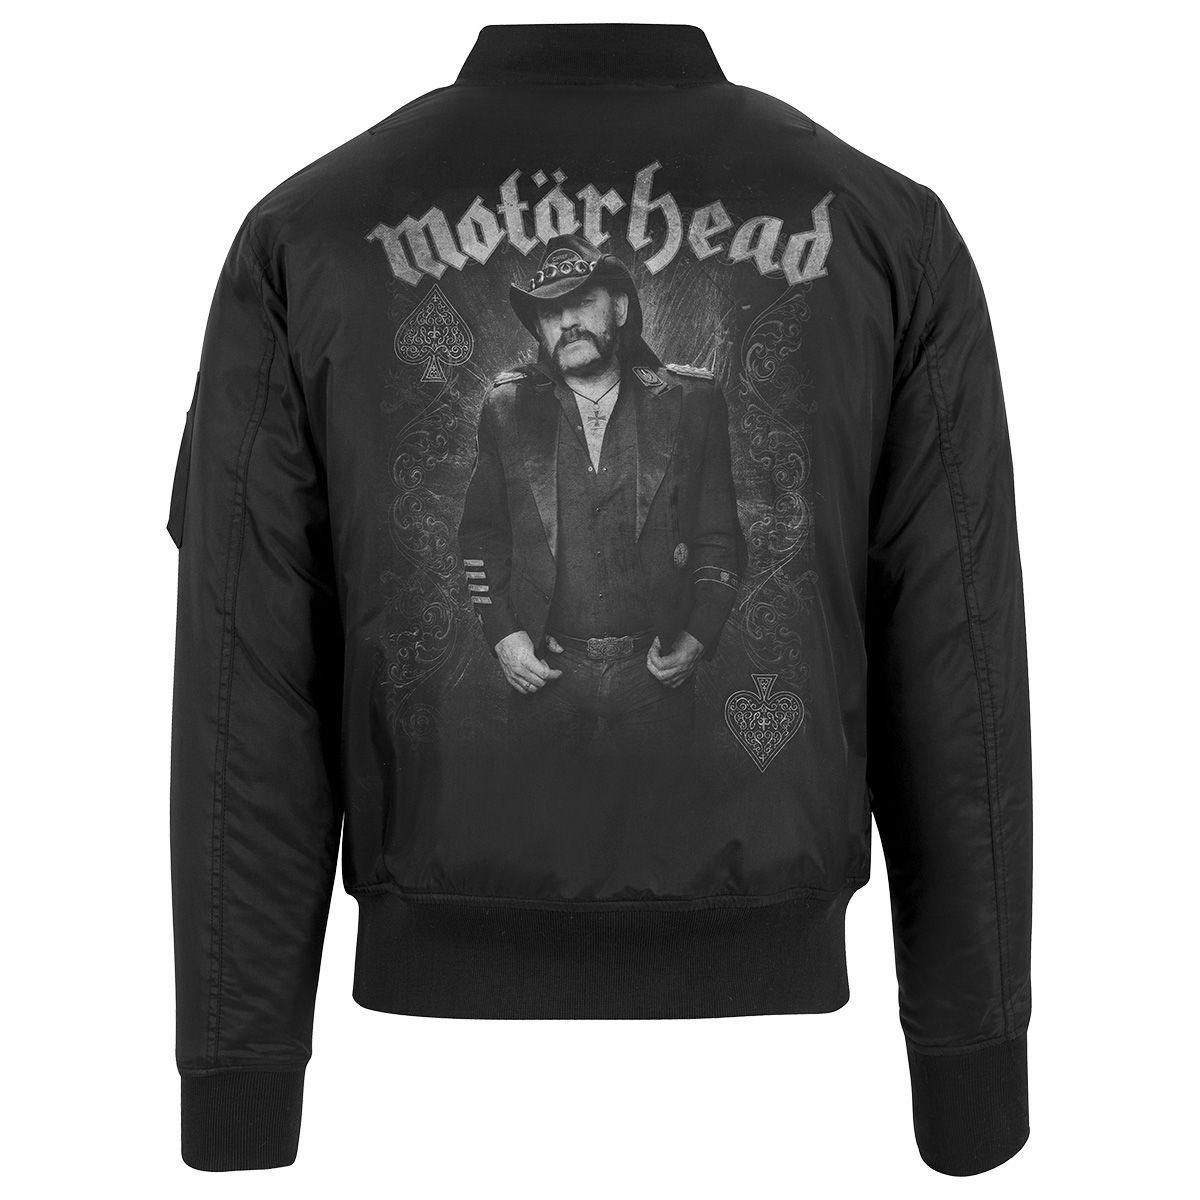 Homme Motörhead Lemmy En 2019Taille Veste Bomber WCBdxoer